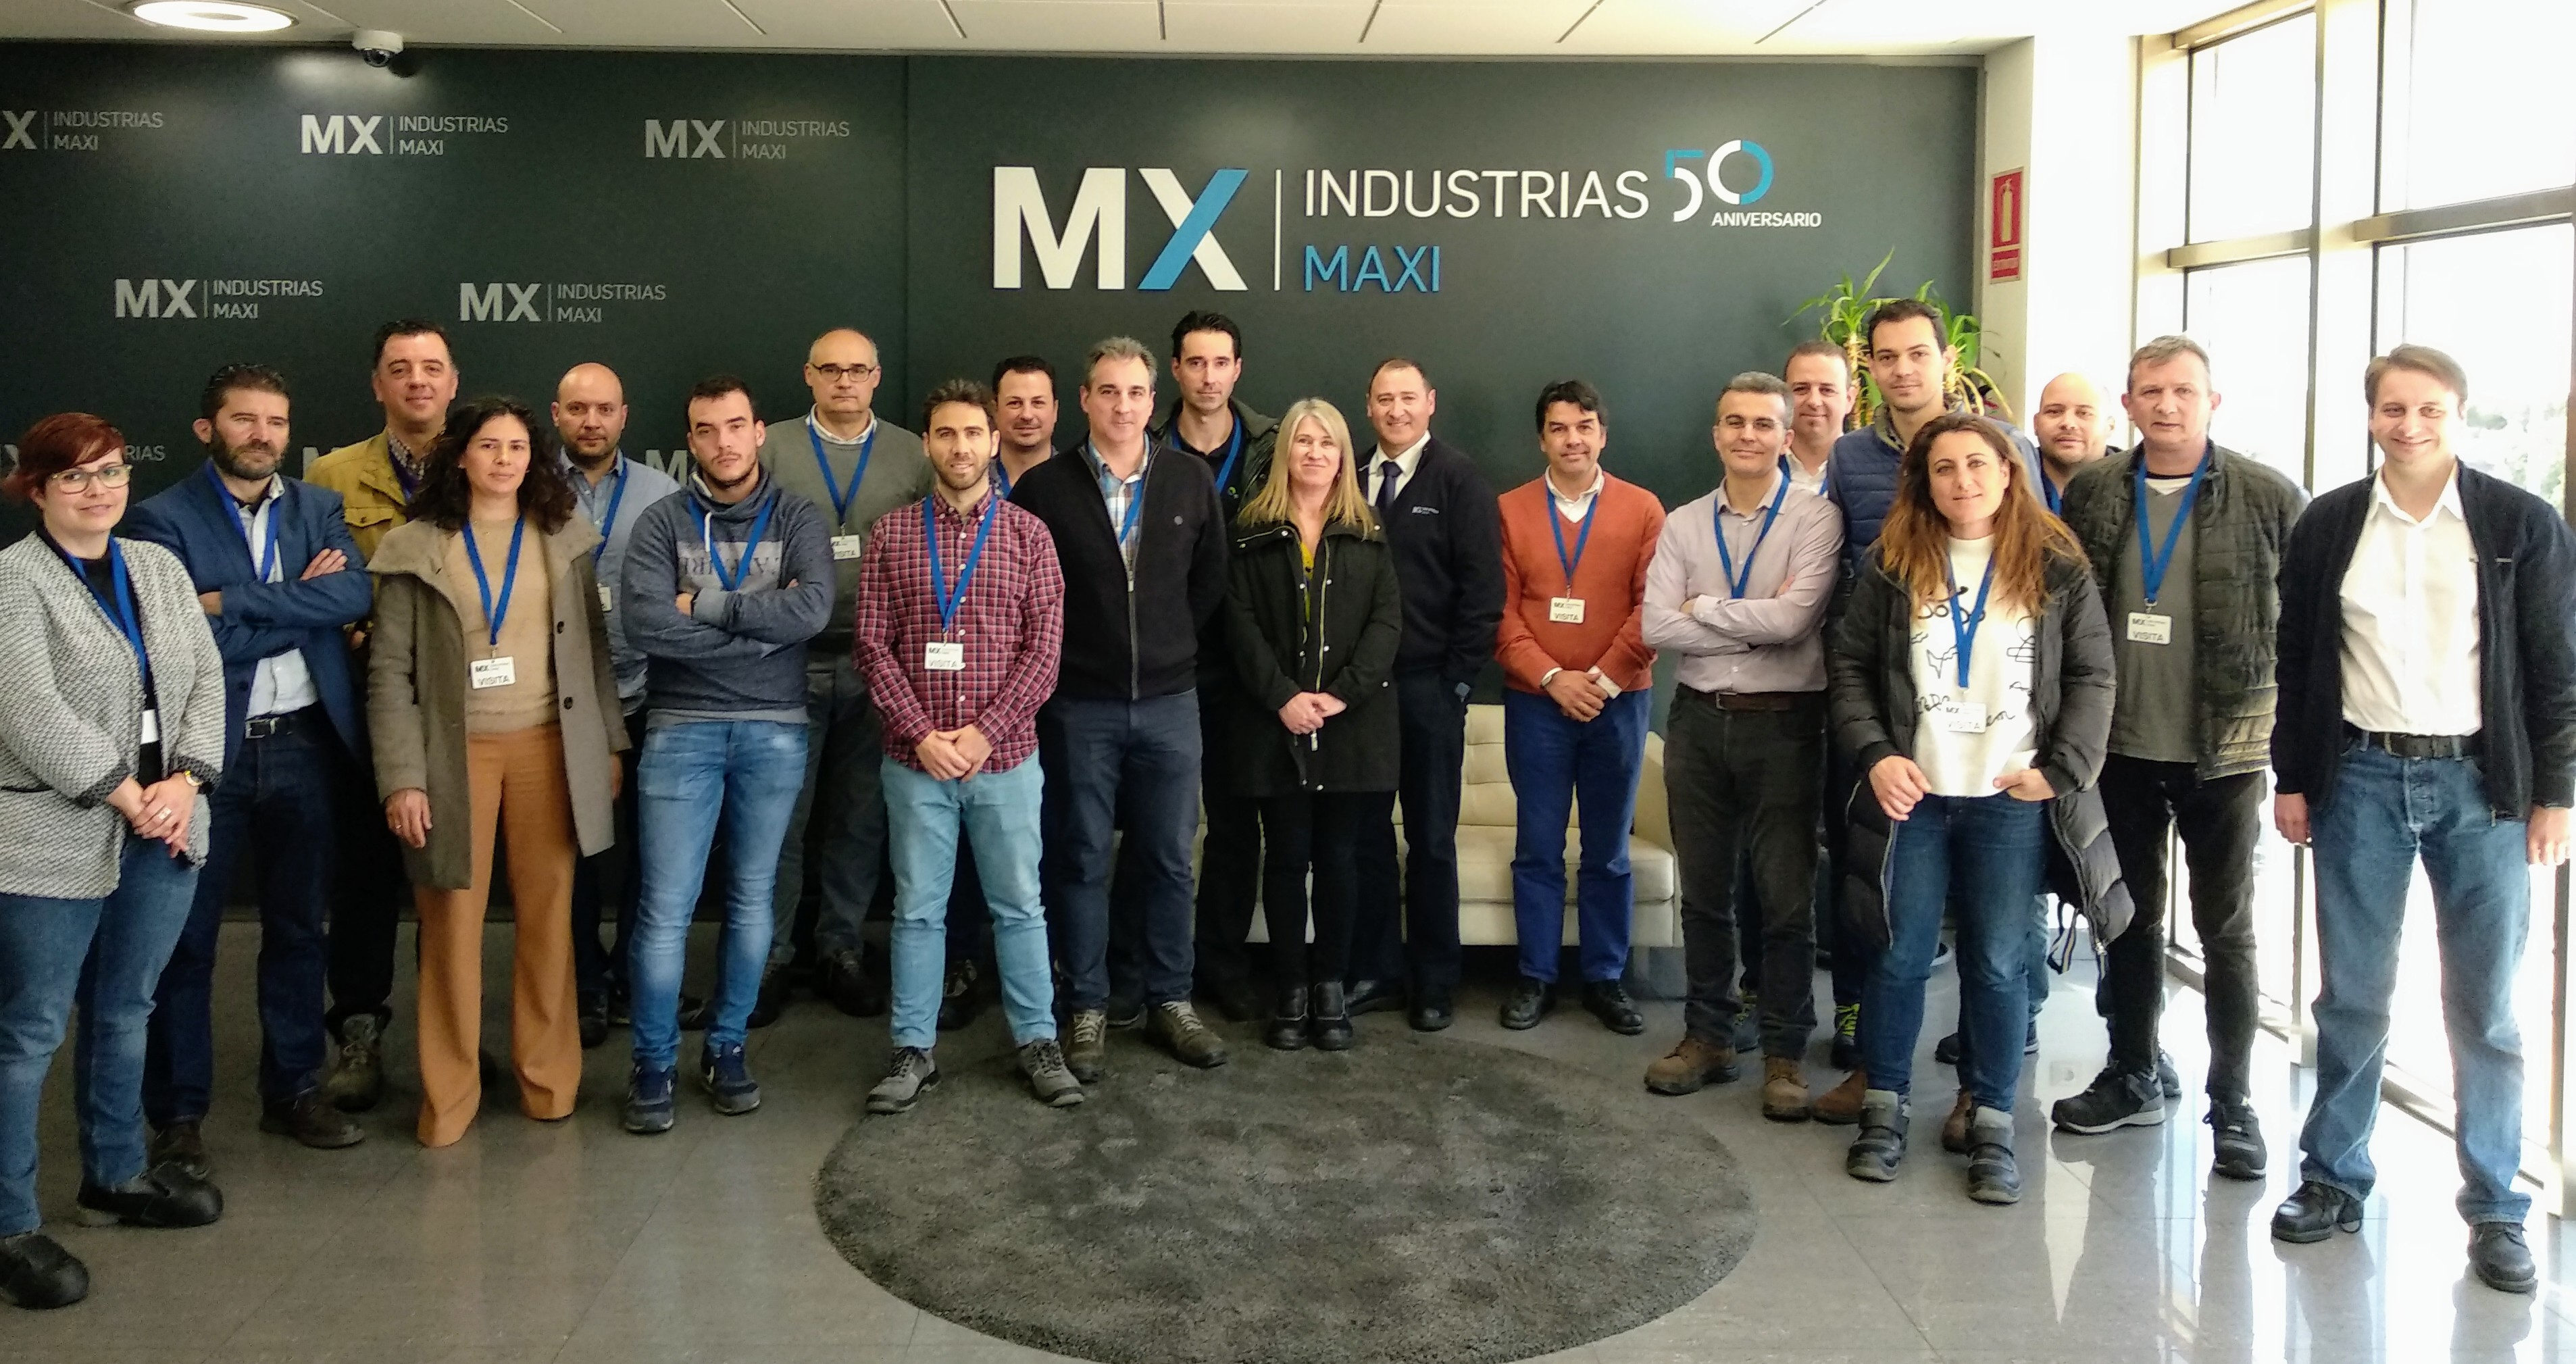 Industrias Maxi presenta a los Socios de Cluster  FACYL una Buena Práctica de Mantenimiento 4.0